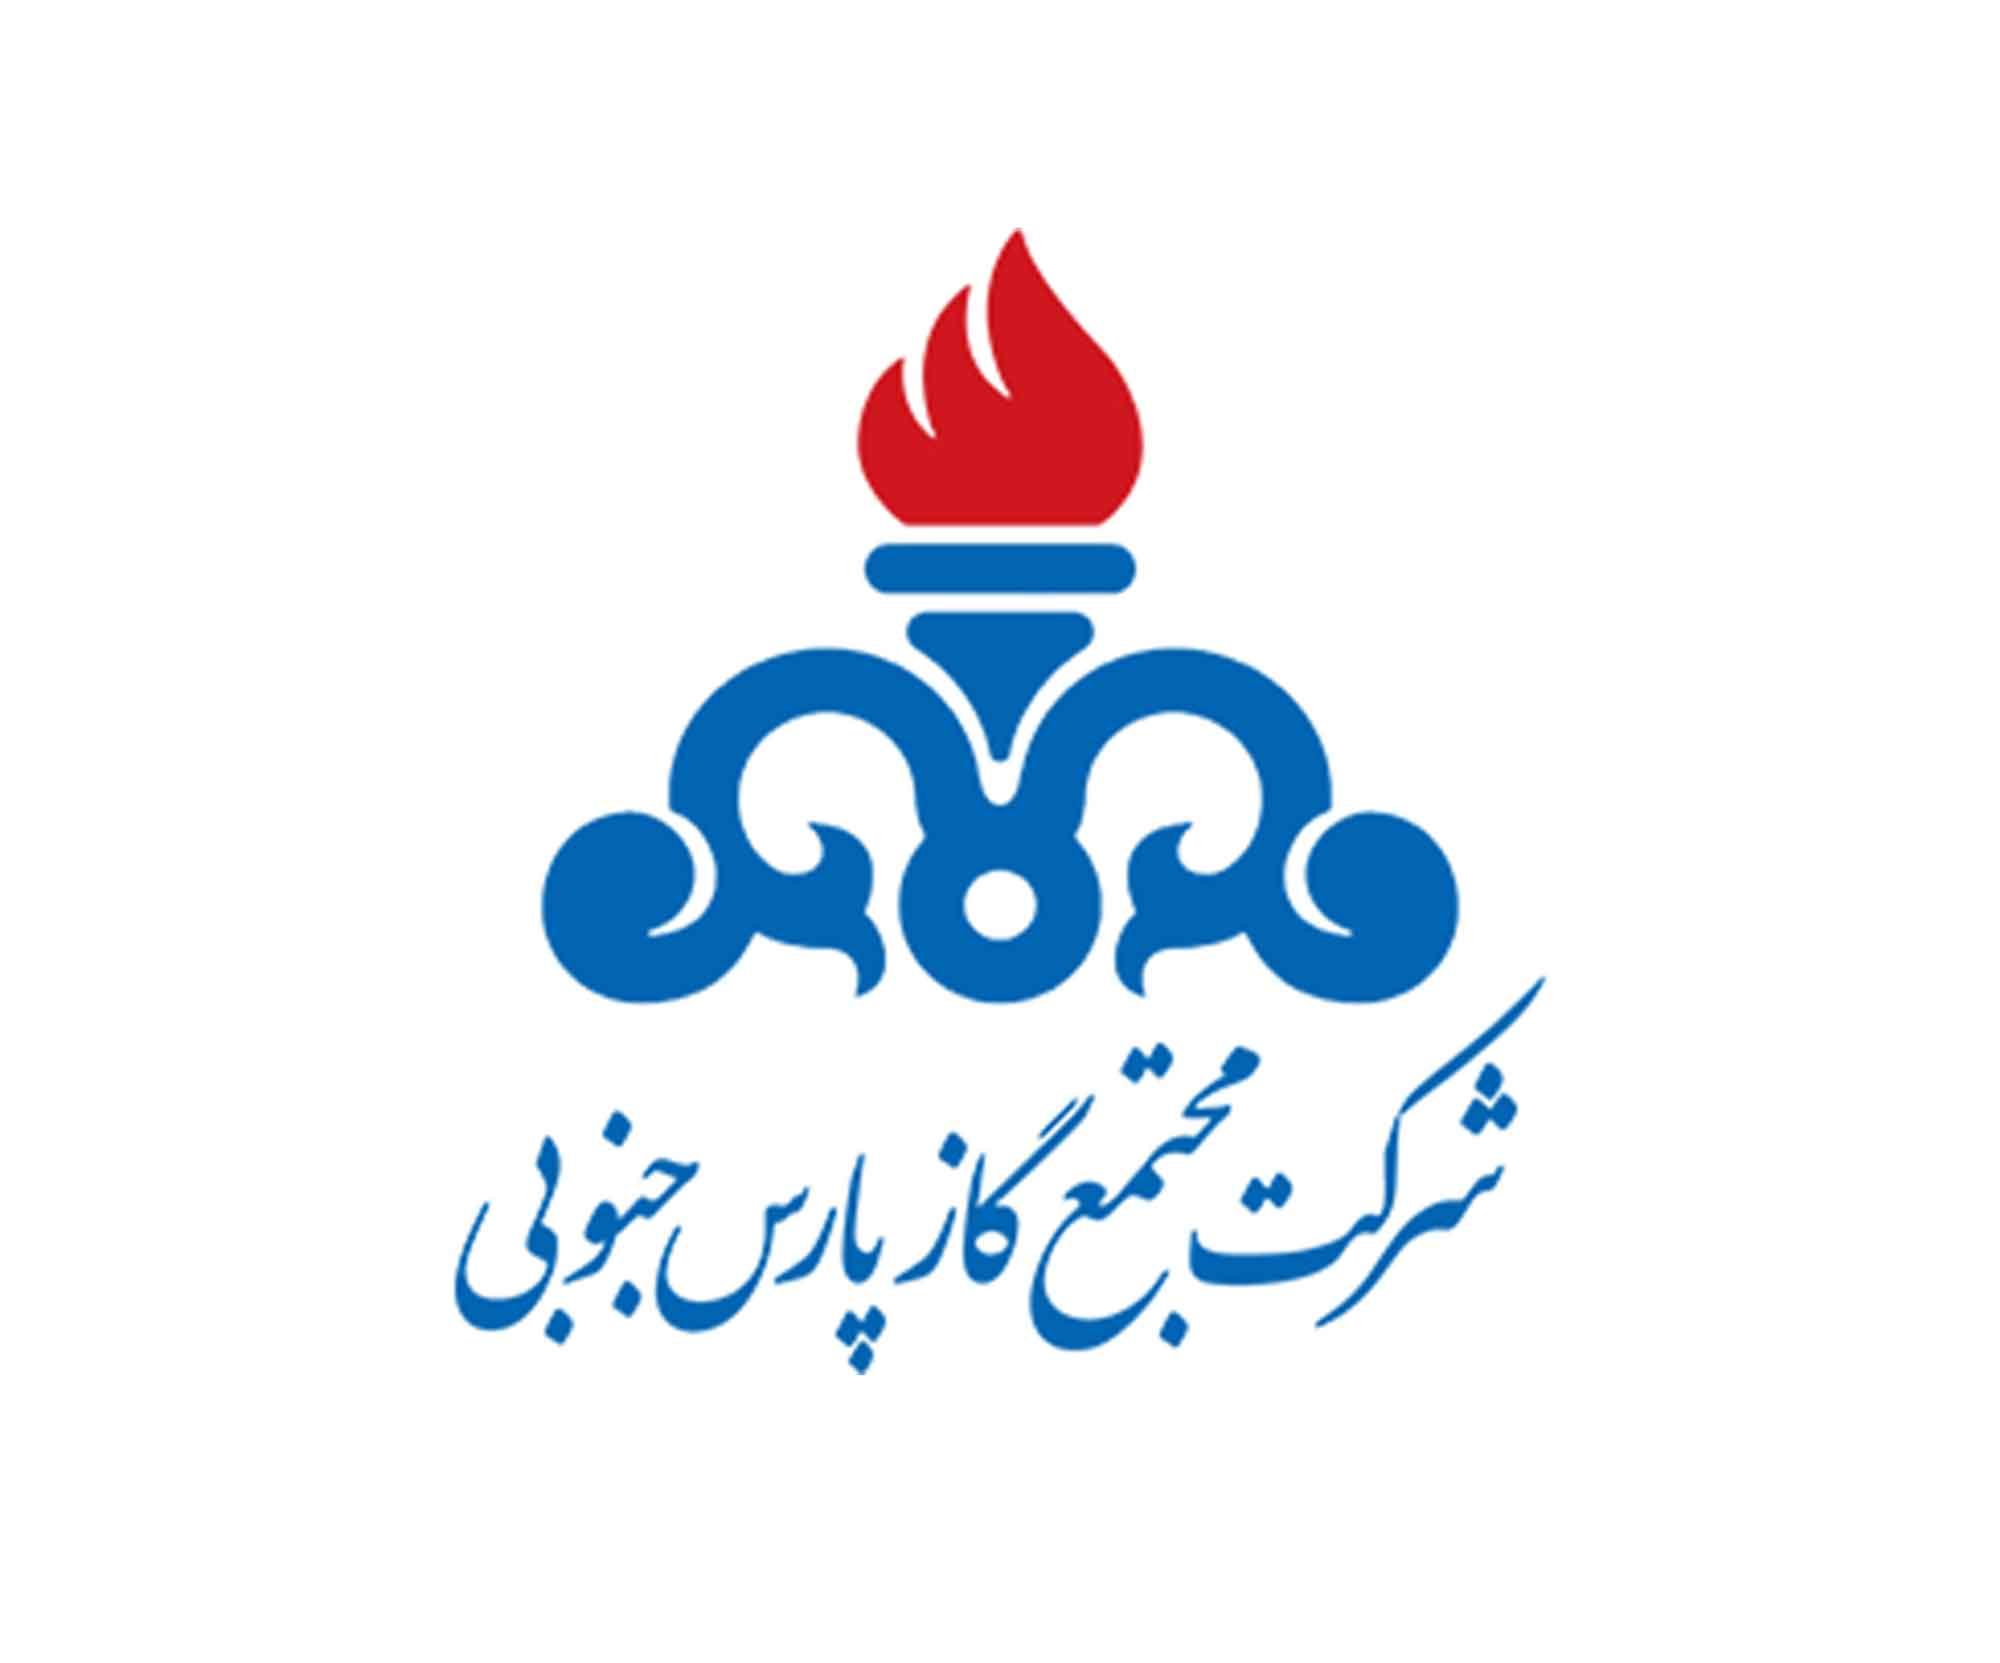 مجتمع گازی پارس جنوبی (SPGC)